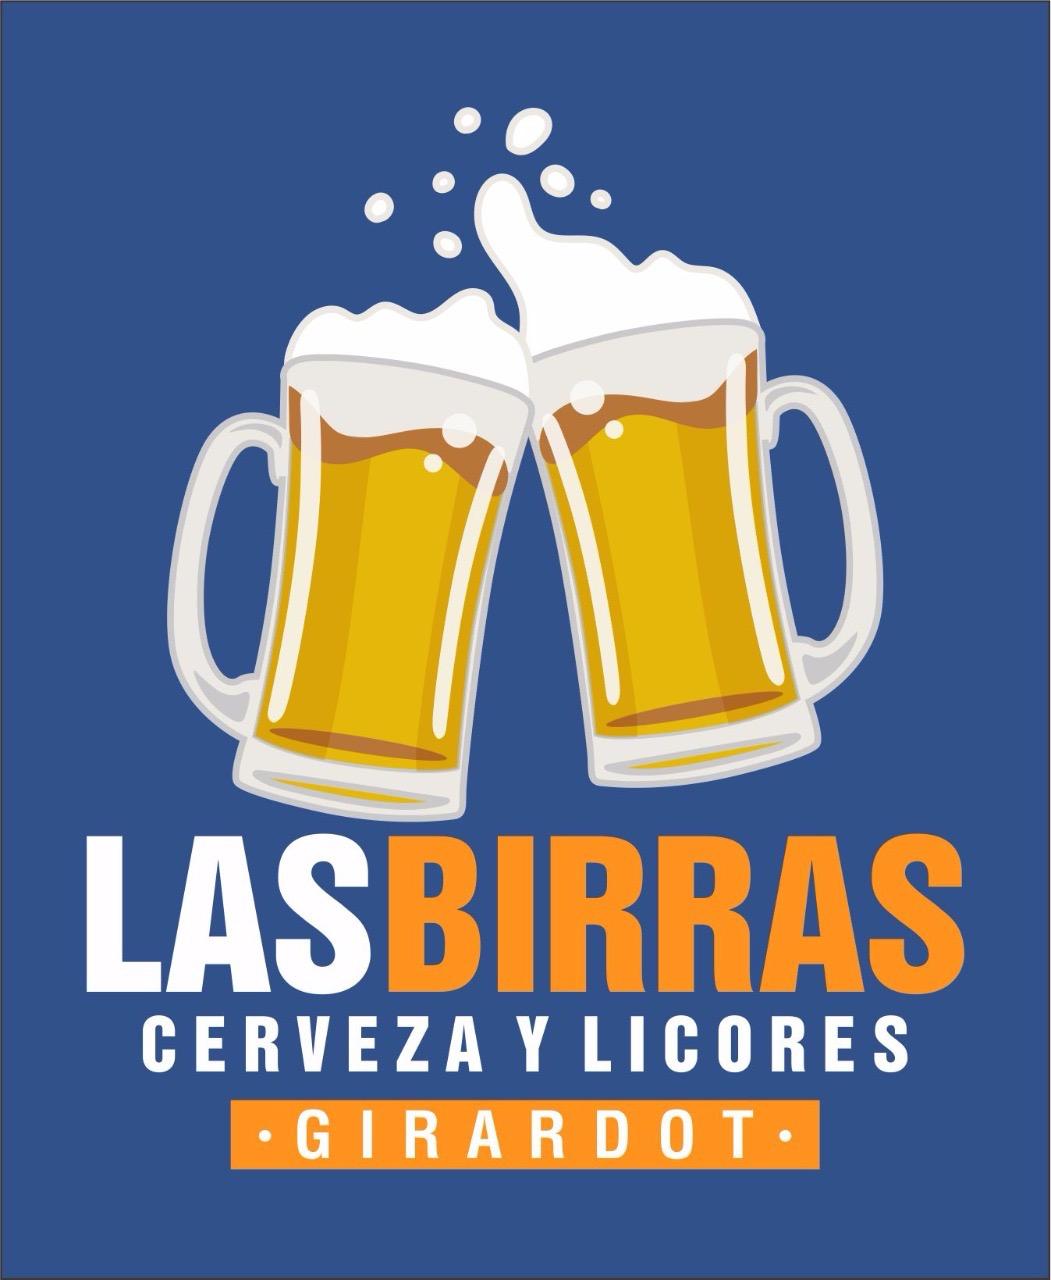 Las Birras Cervezas y Licores